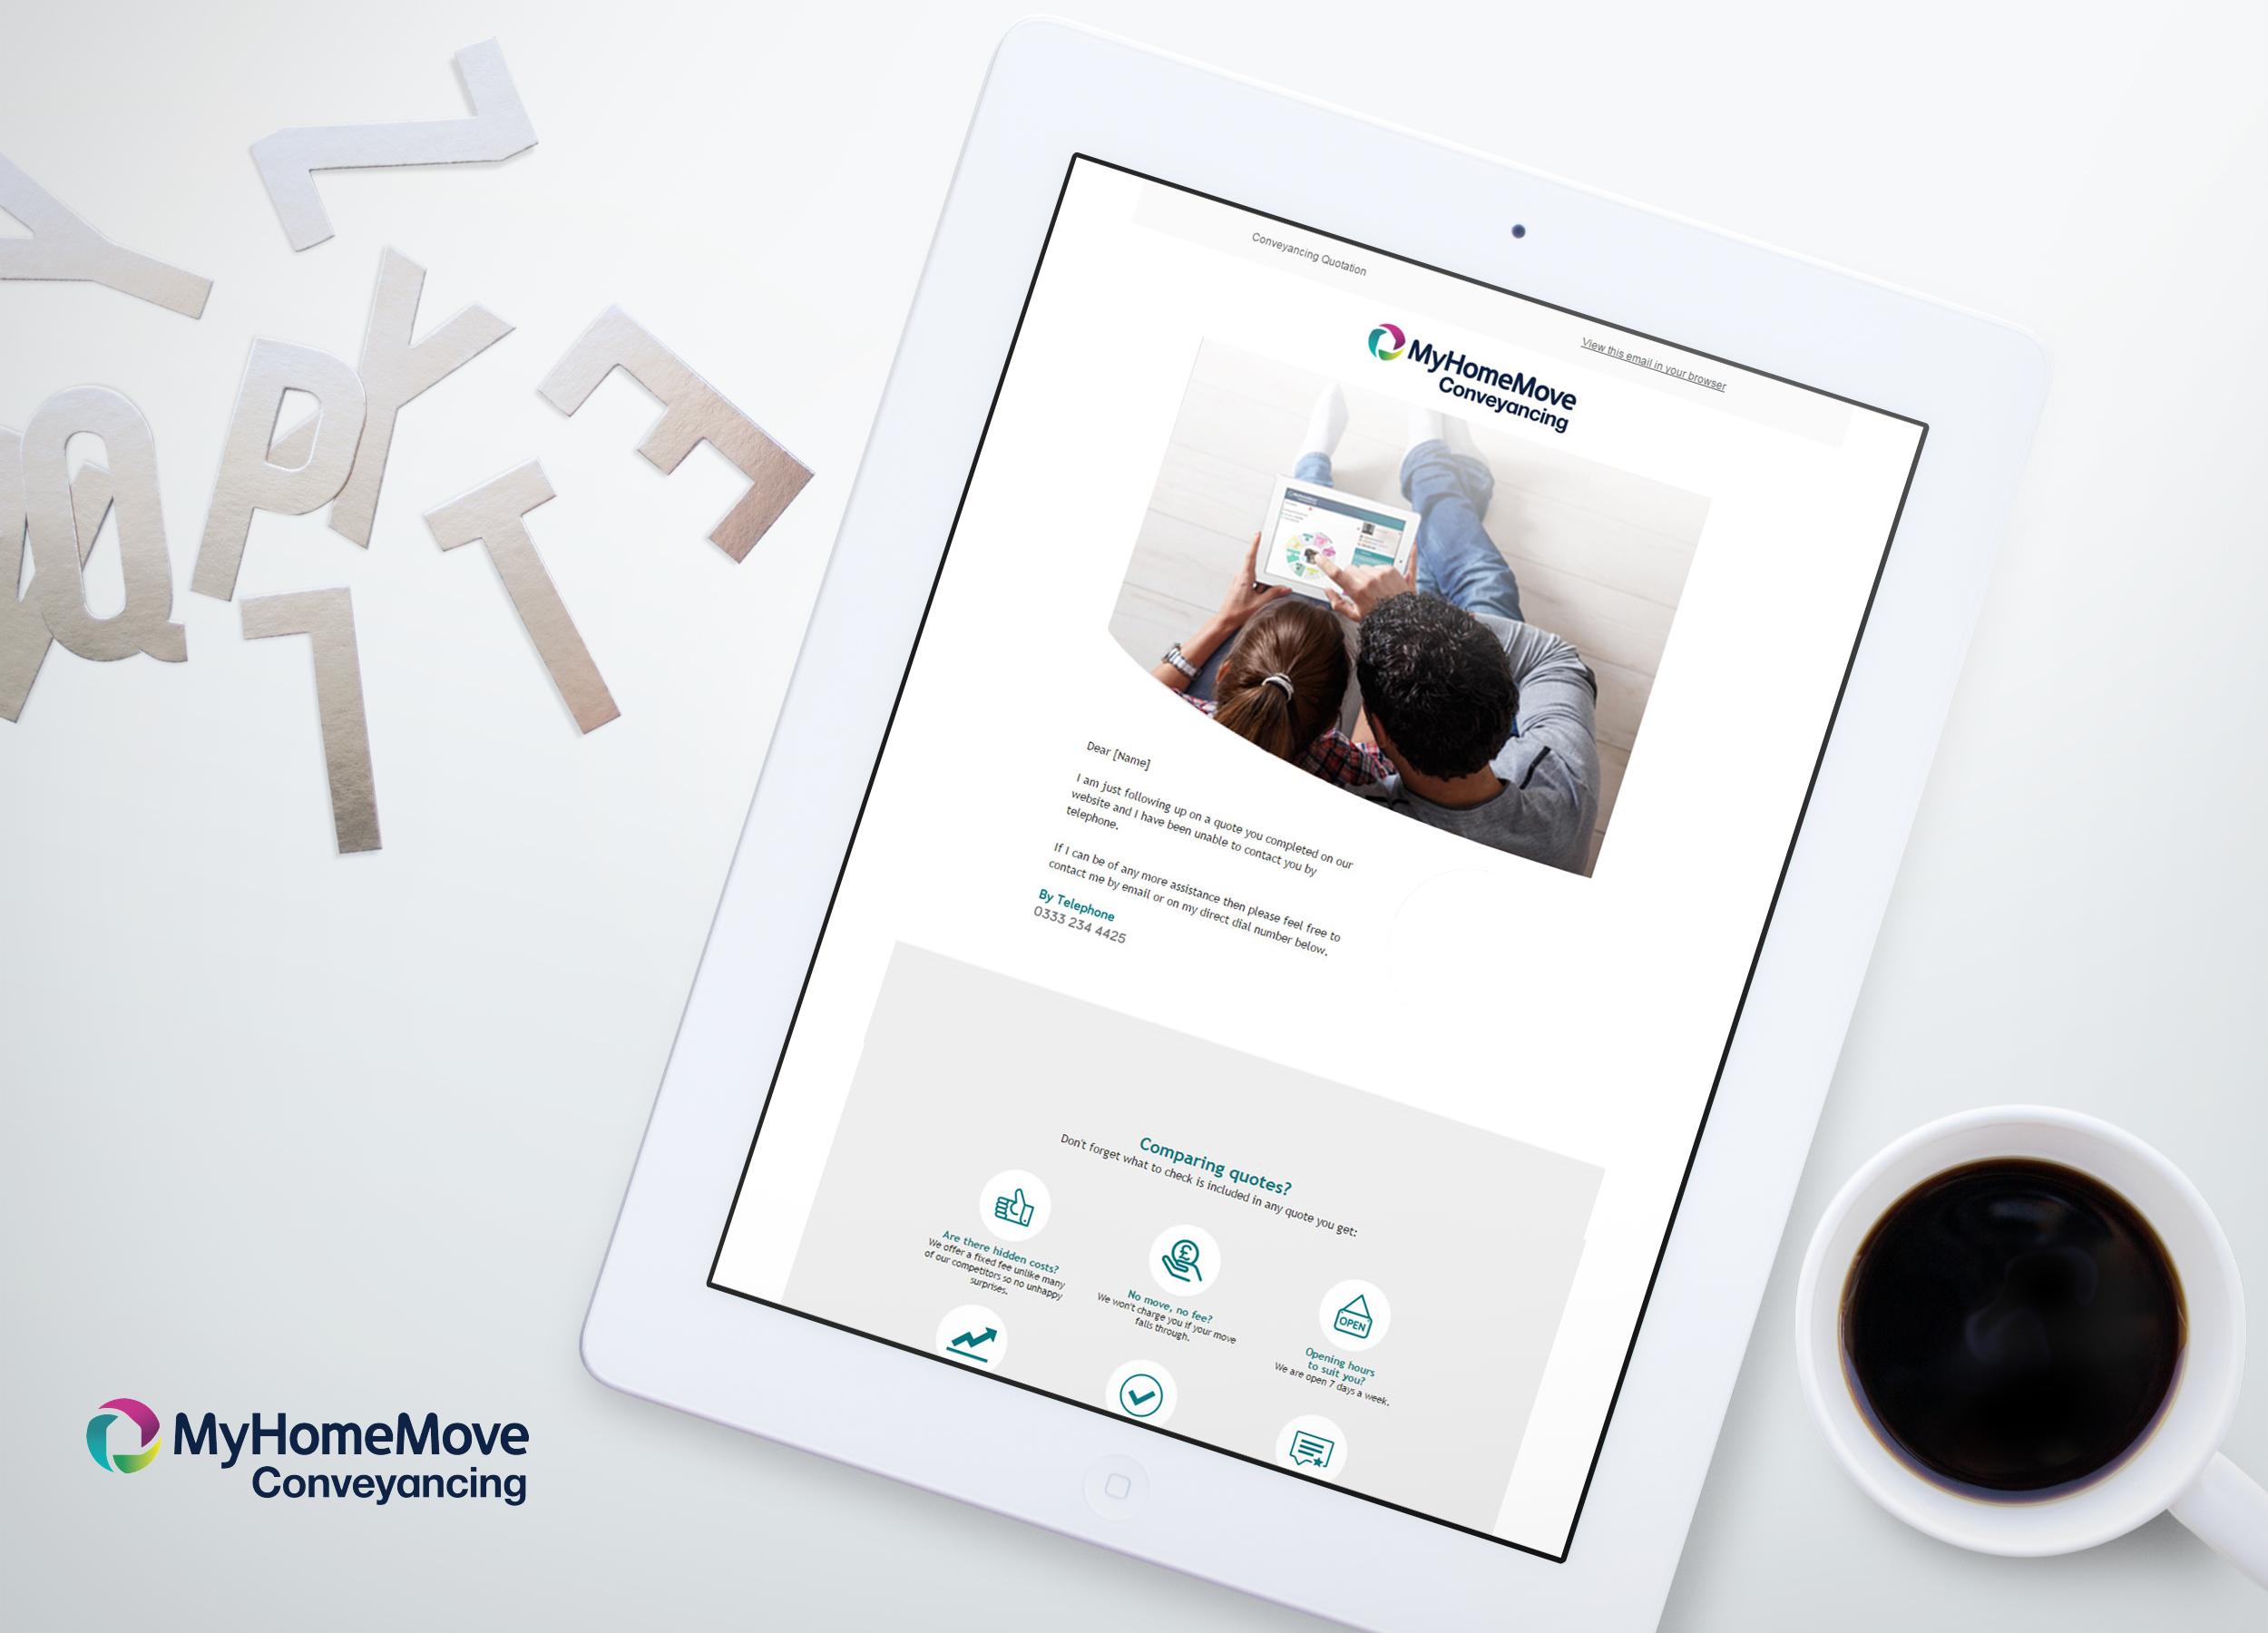 iPad-Email-myhomeconveyance